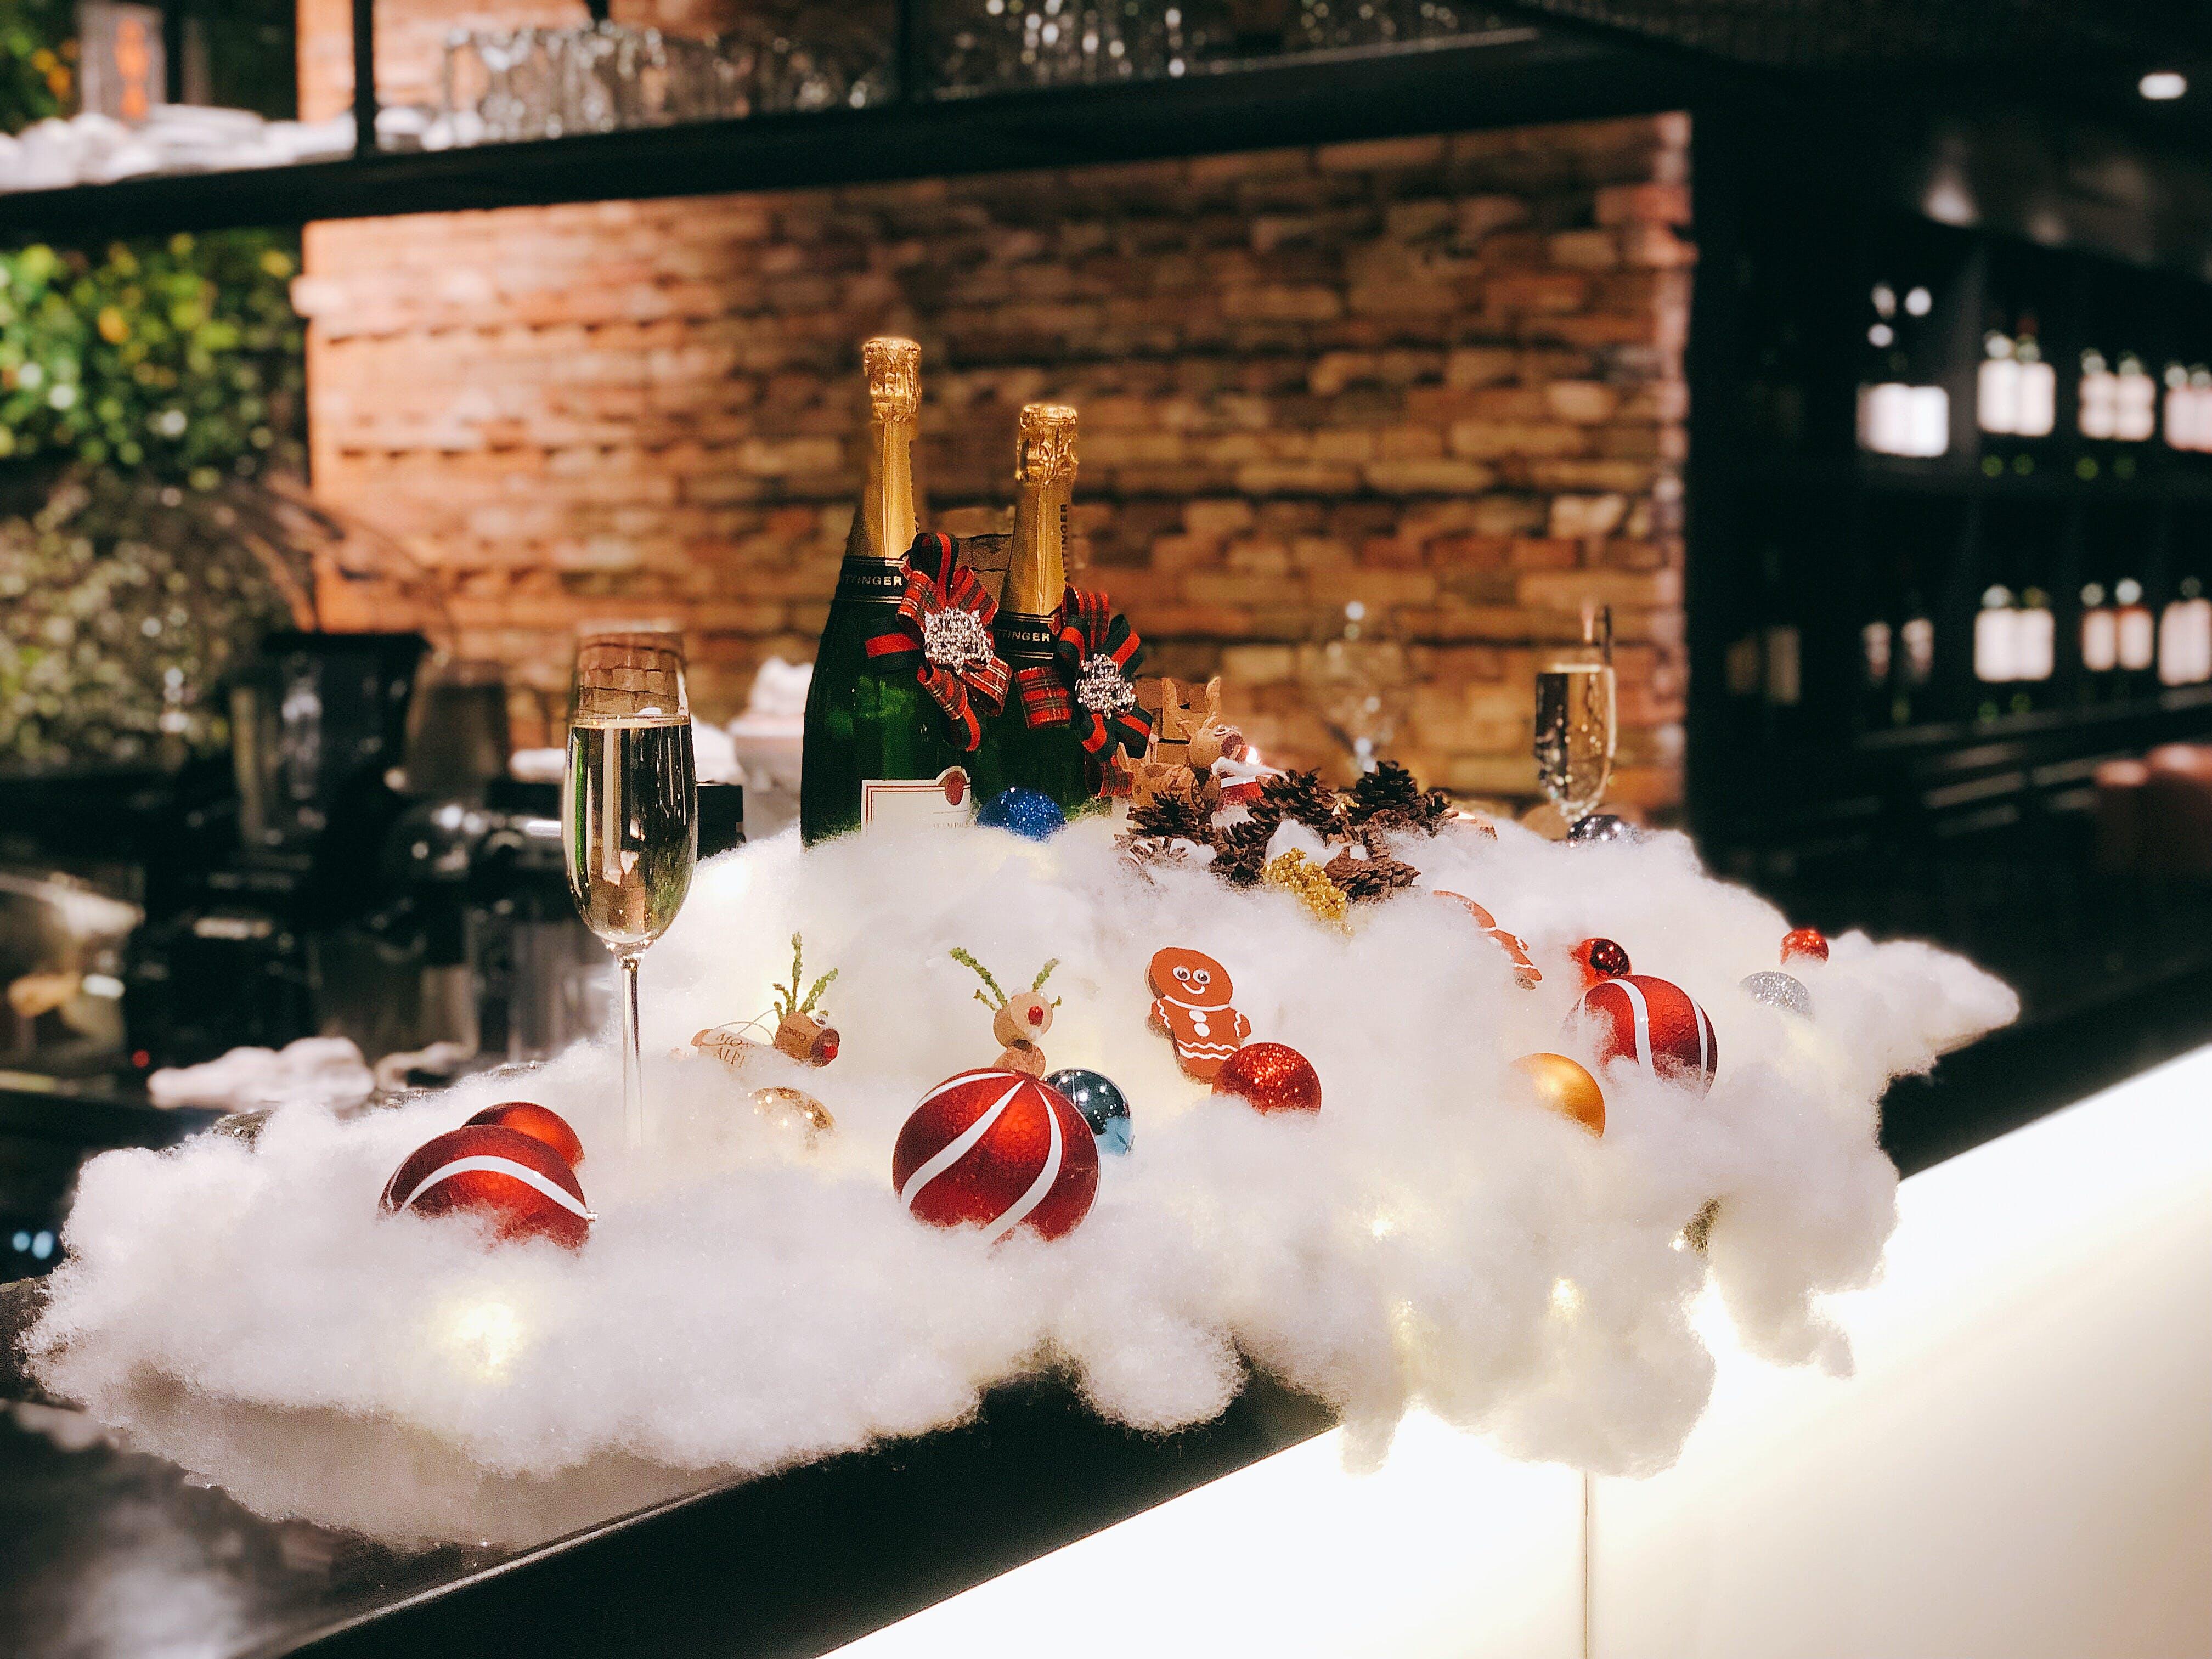 慶祝, 瓶子, 耶誔球飾品, 聖誕 的 免費圖庫相片